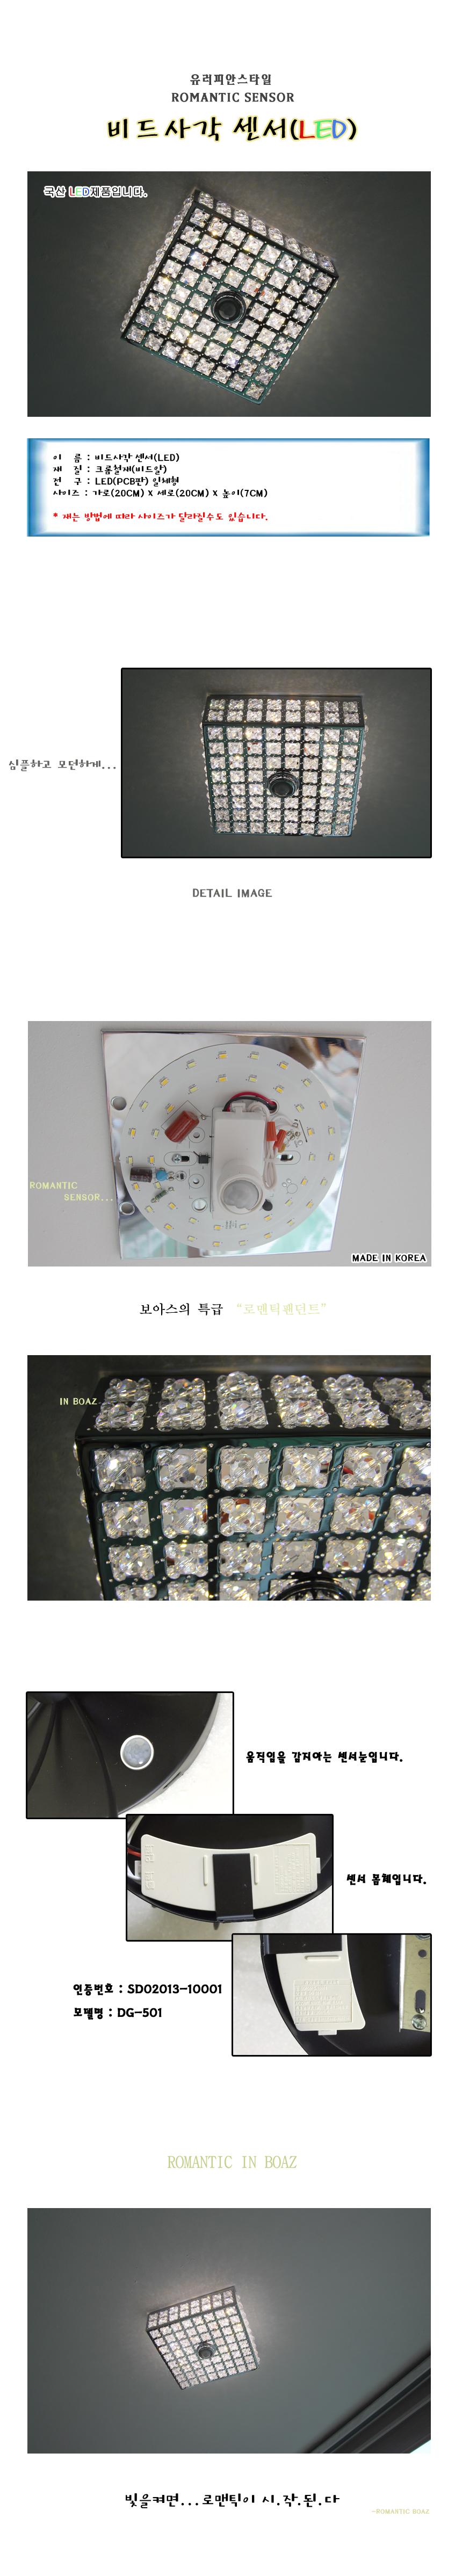 로맨틱-비드사각센서 - 보아스라이팅, 80,000원, 포인트조명, 센서조명